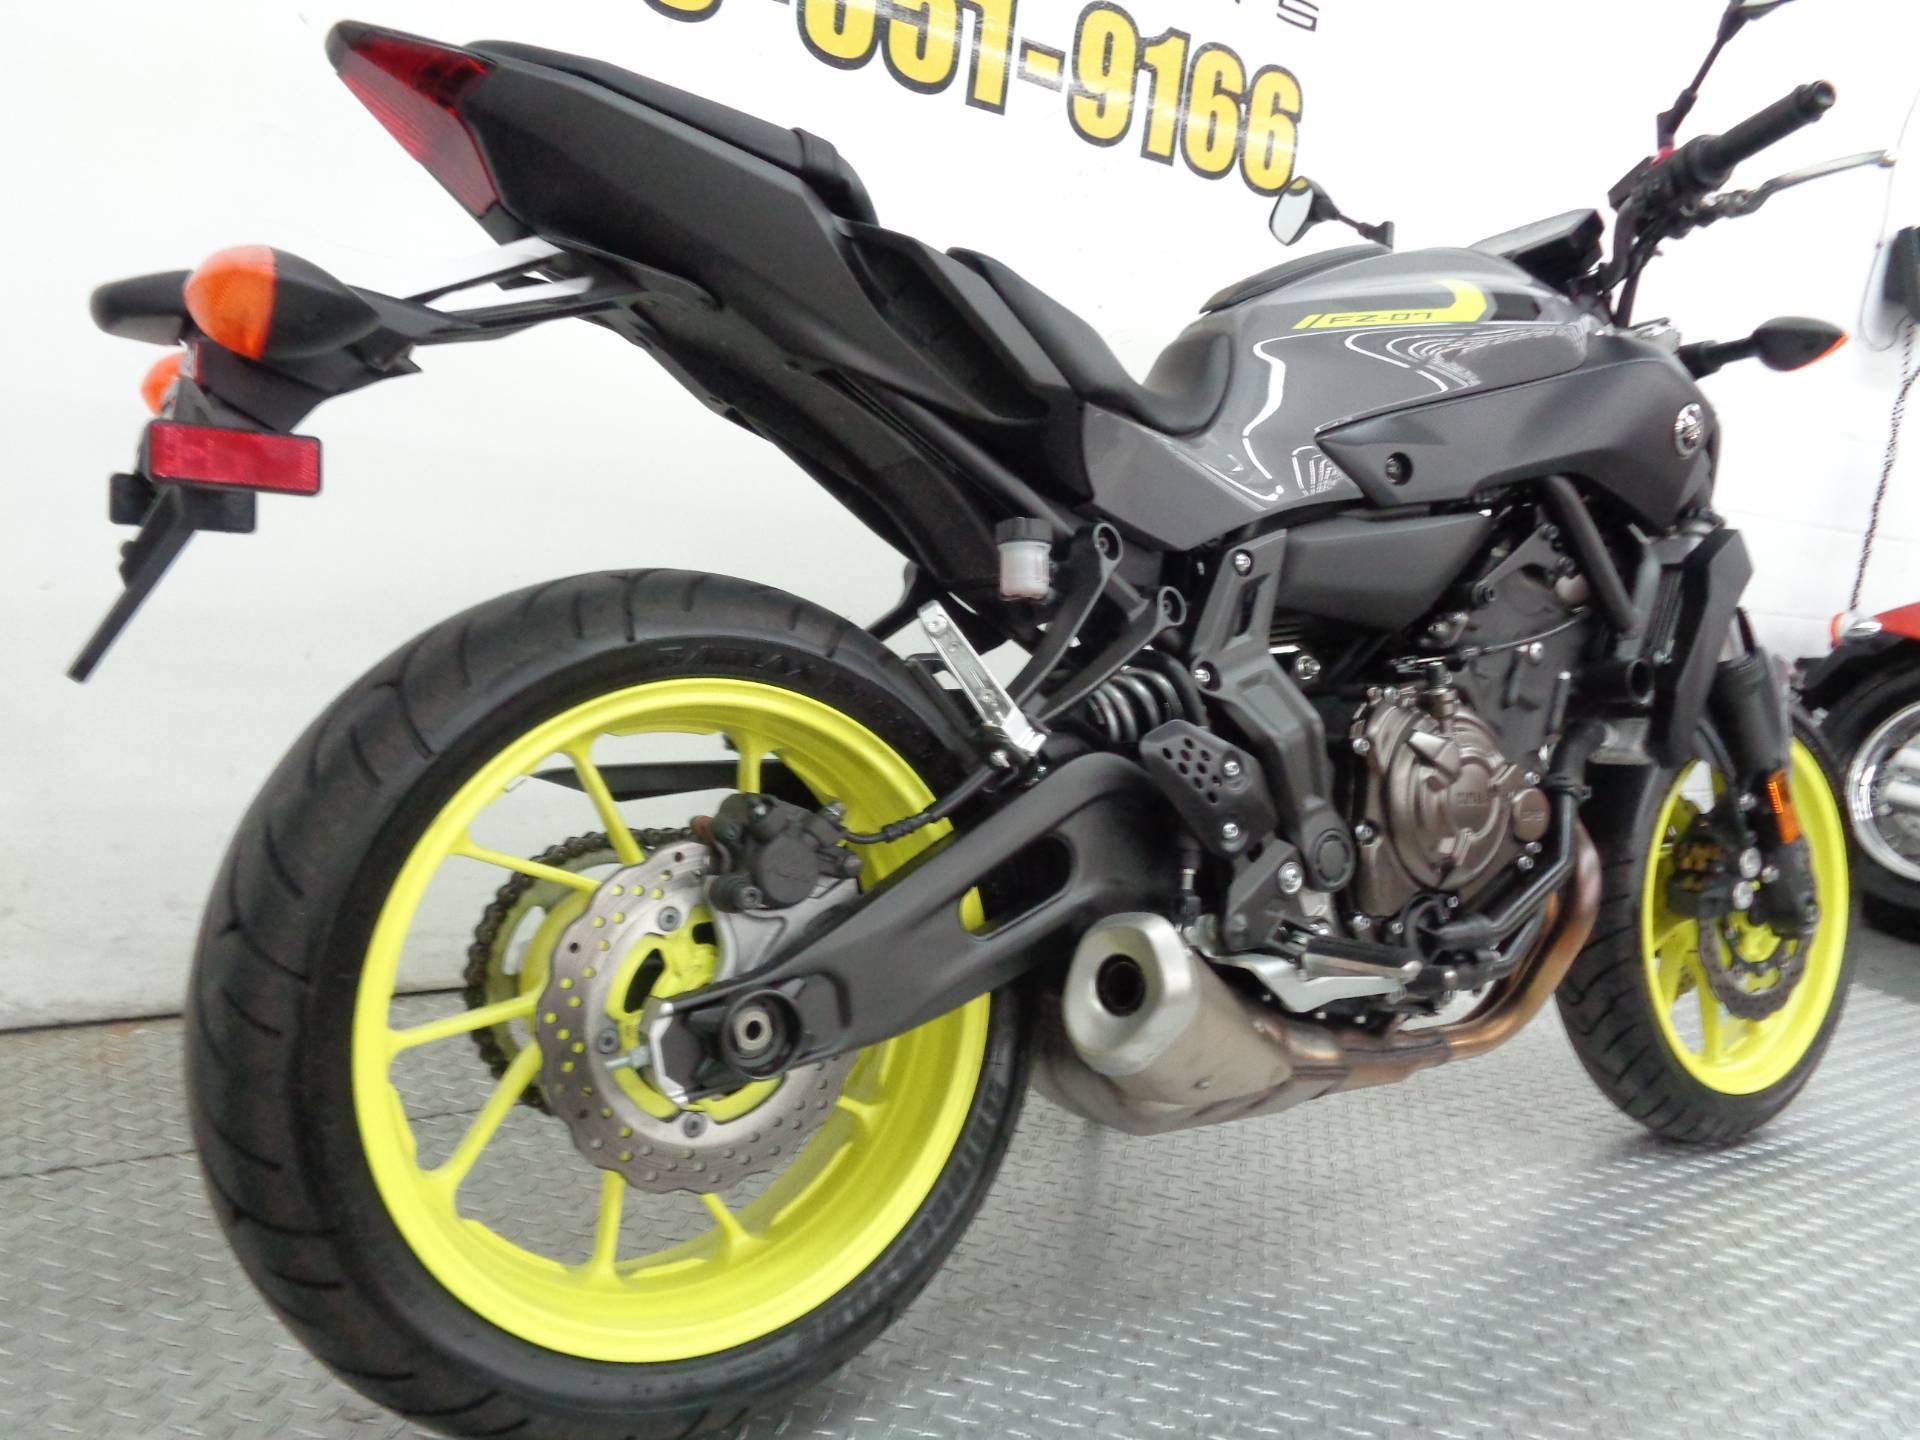 2016 Yamaha FZ-07 10